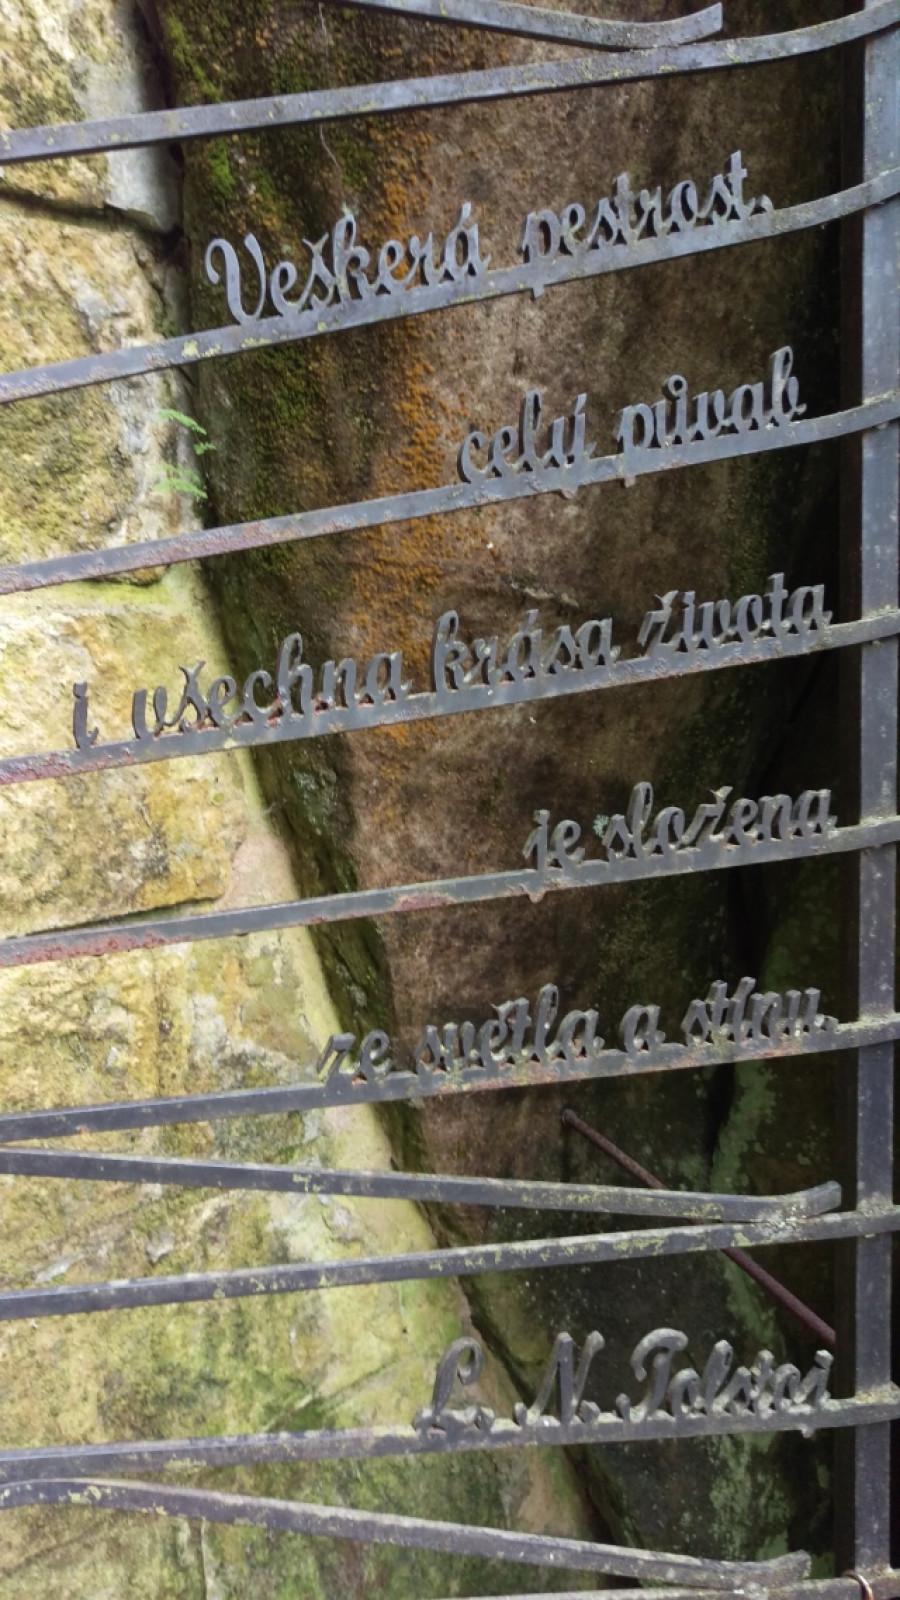 Na druhé půlce brány je také zajímavý nápis.